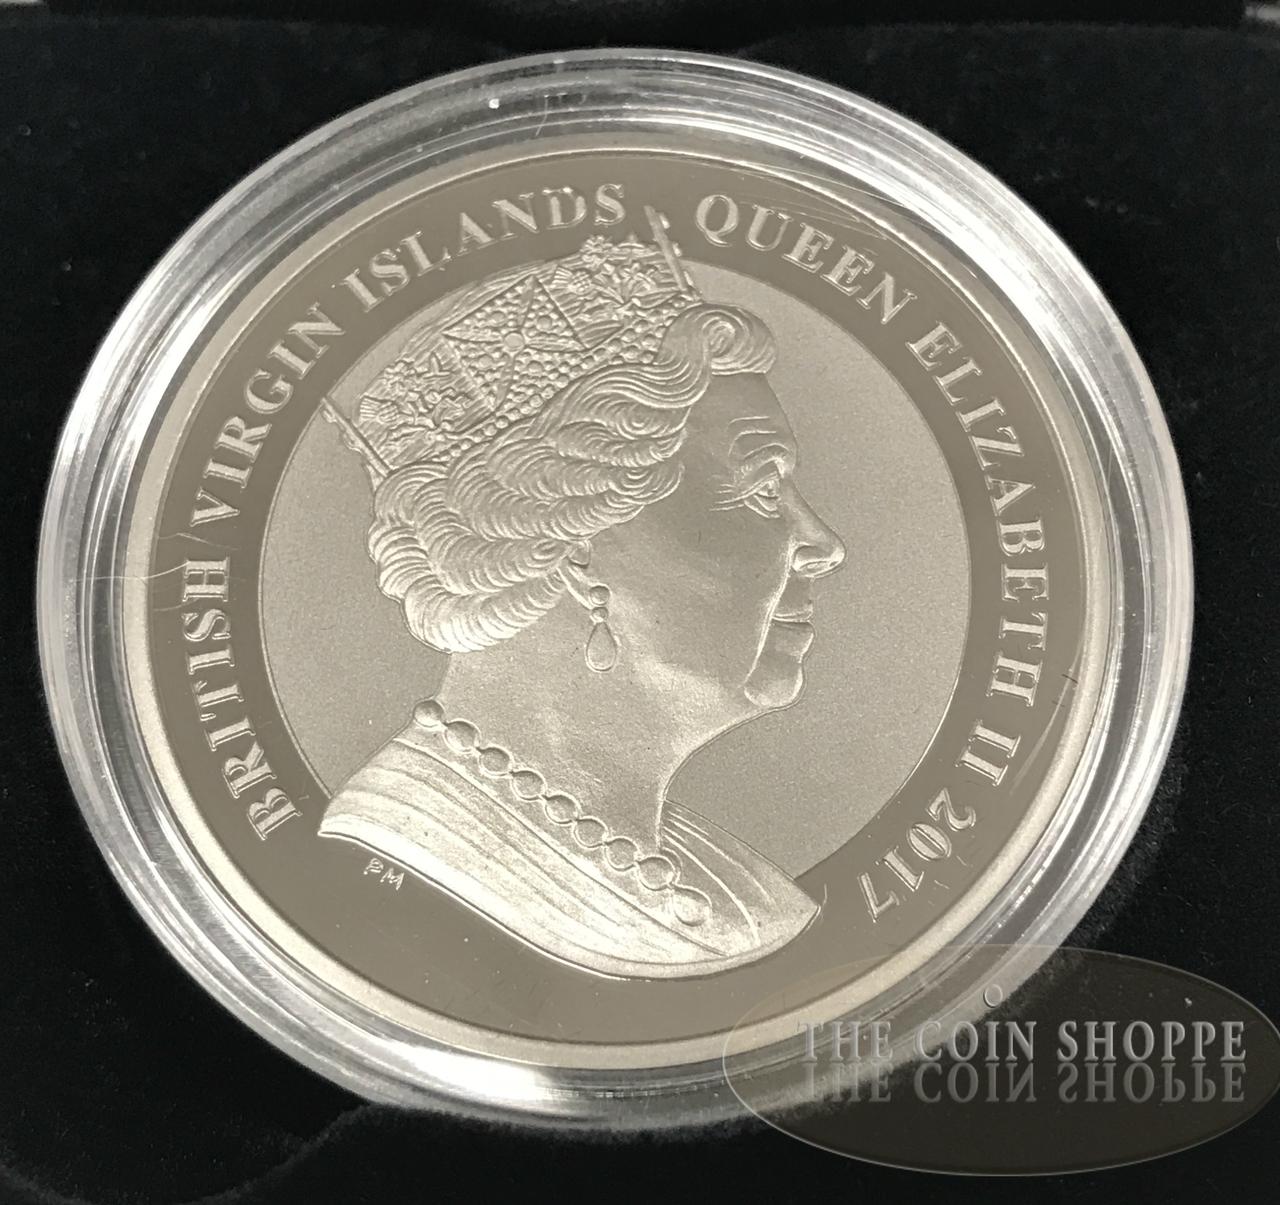 rhodium coins